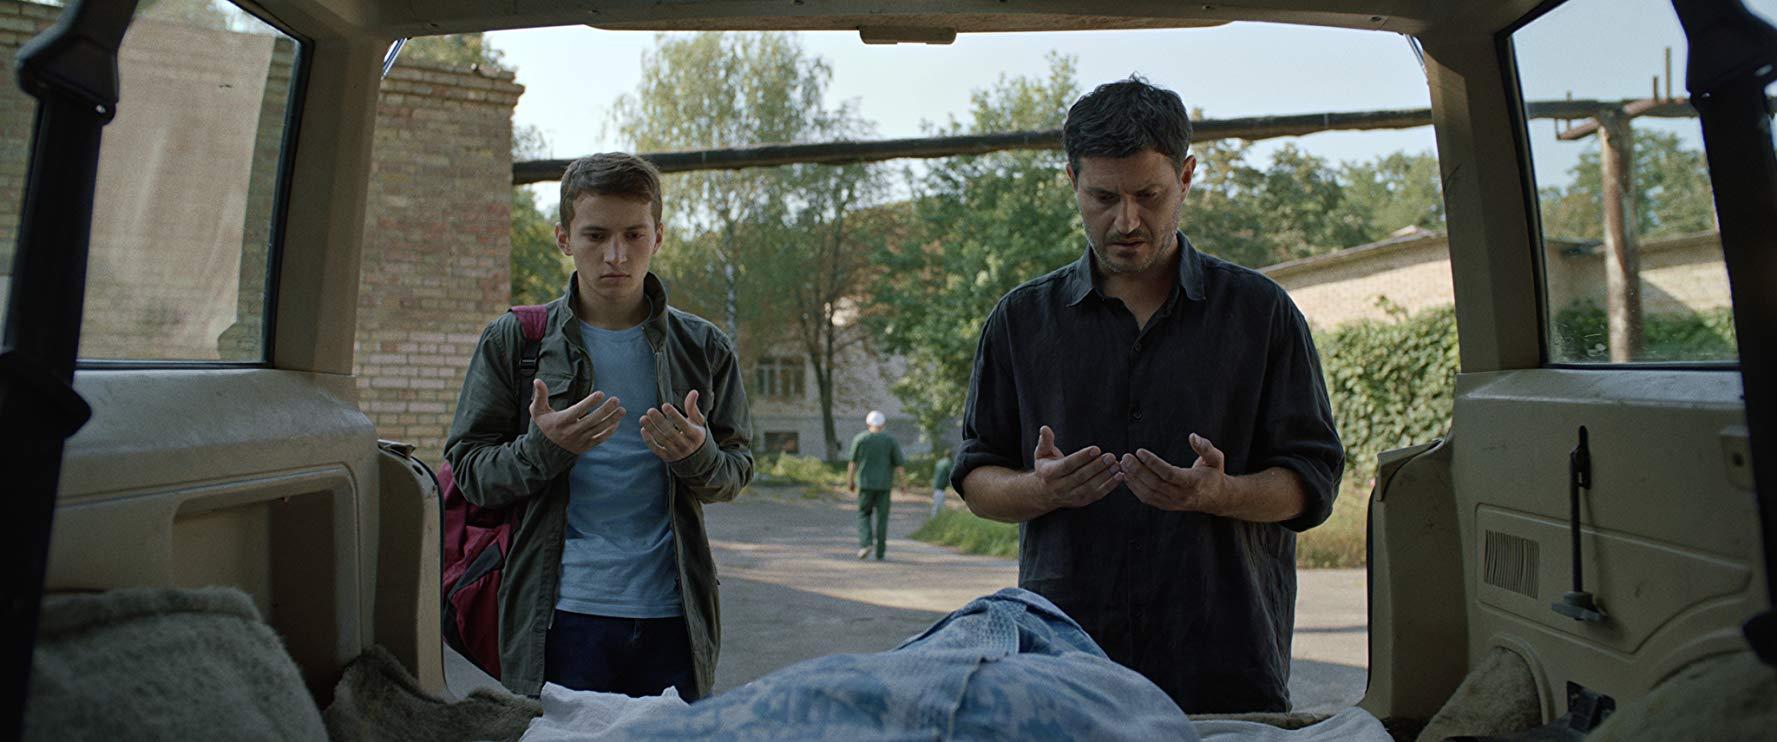 Фільм «Додому» Нарімана Алієва можна подивитися онлайн з 18 березня